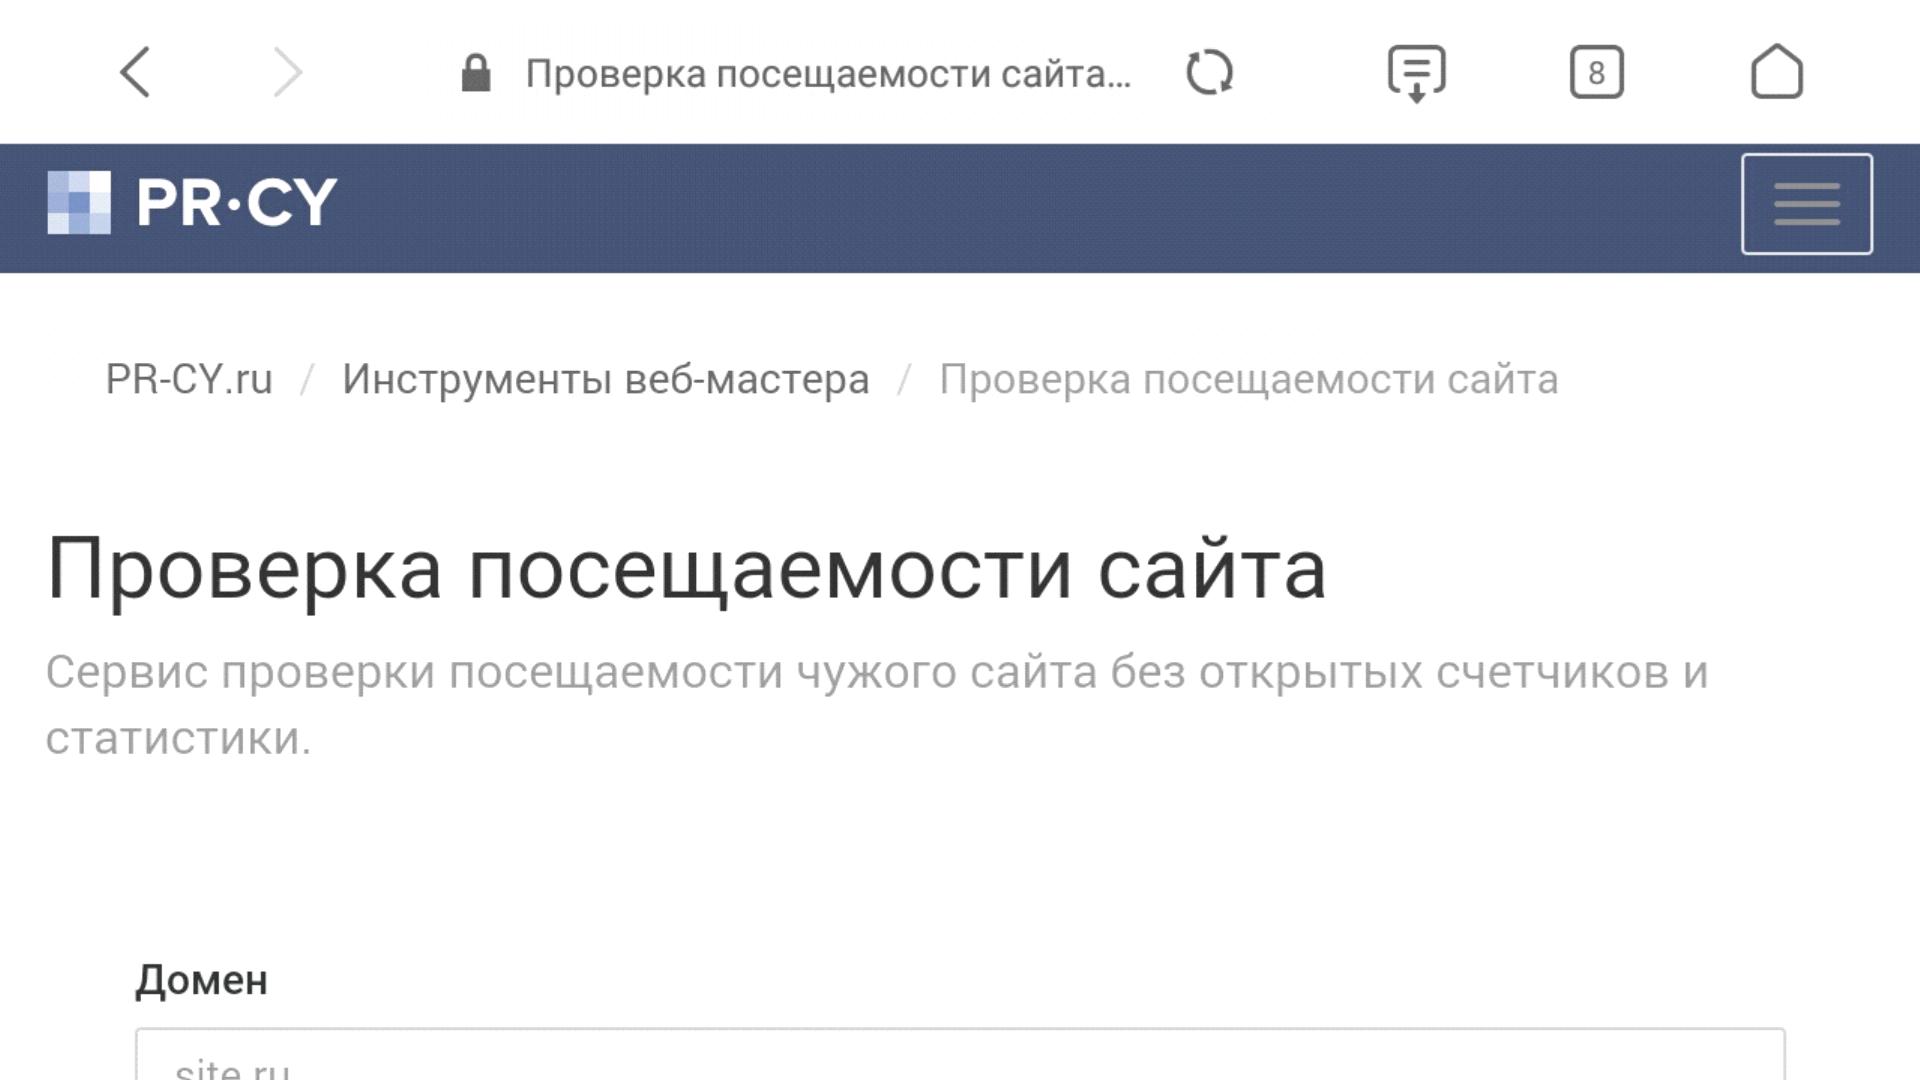 Рис. №1 Интерфейс сайта очень простой